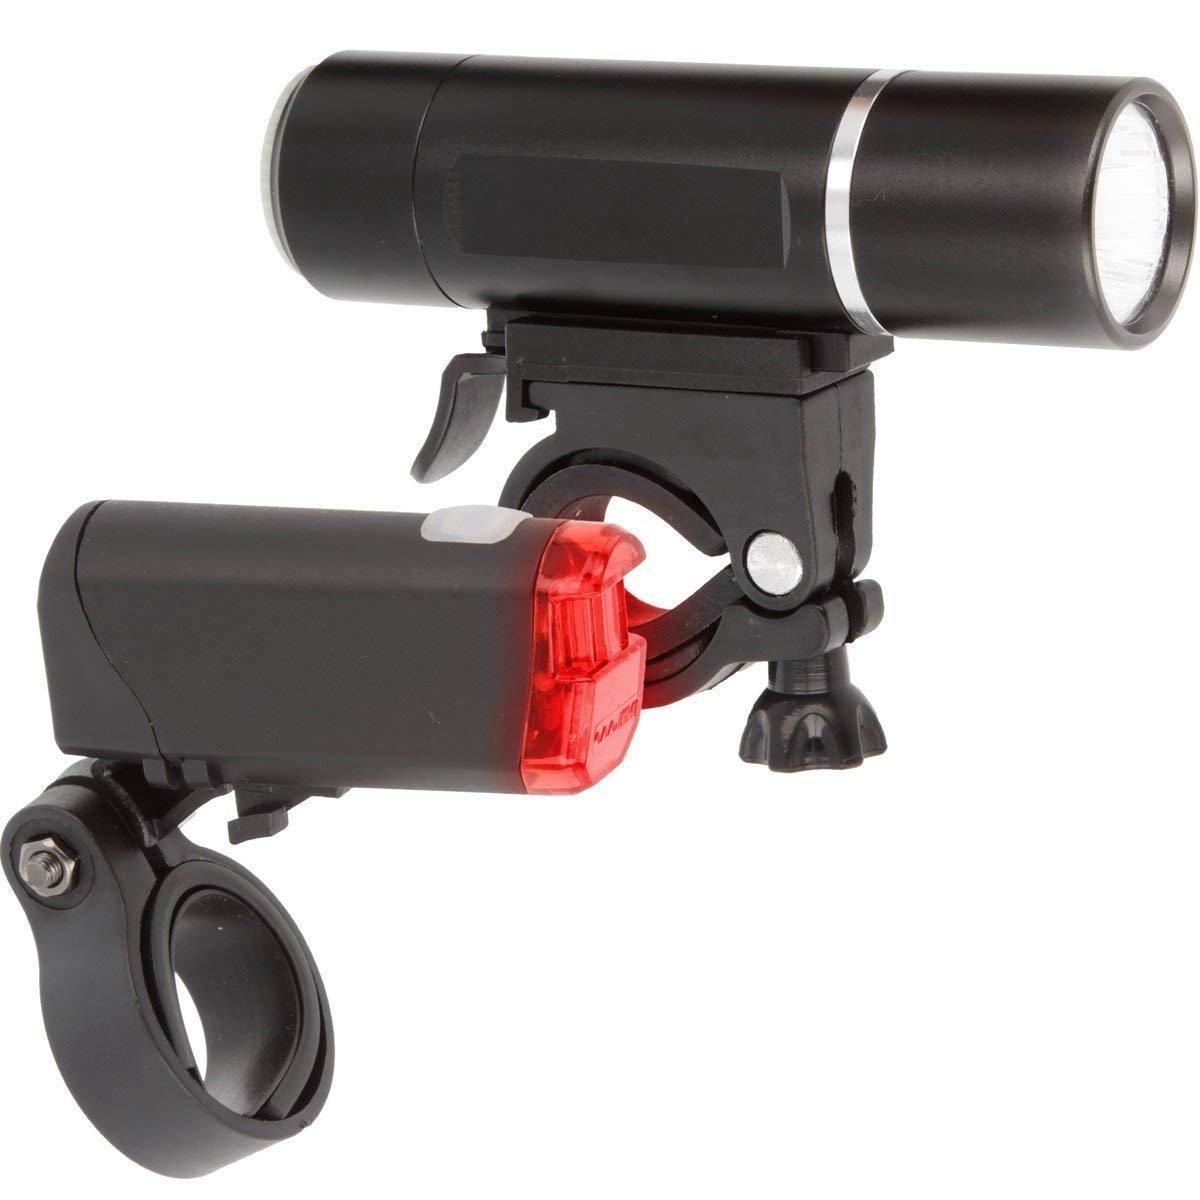 Fahrradlicht Set mit StVZO Zulassung Batteriebetriebenes R/ücklicht und Vorderlicht f/ür alle Fahrr/äder superhelles Fahrradlampenset Sicherheit beim Fahrradfahren Fahrradlampe Beleuchtungs-Set